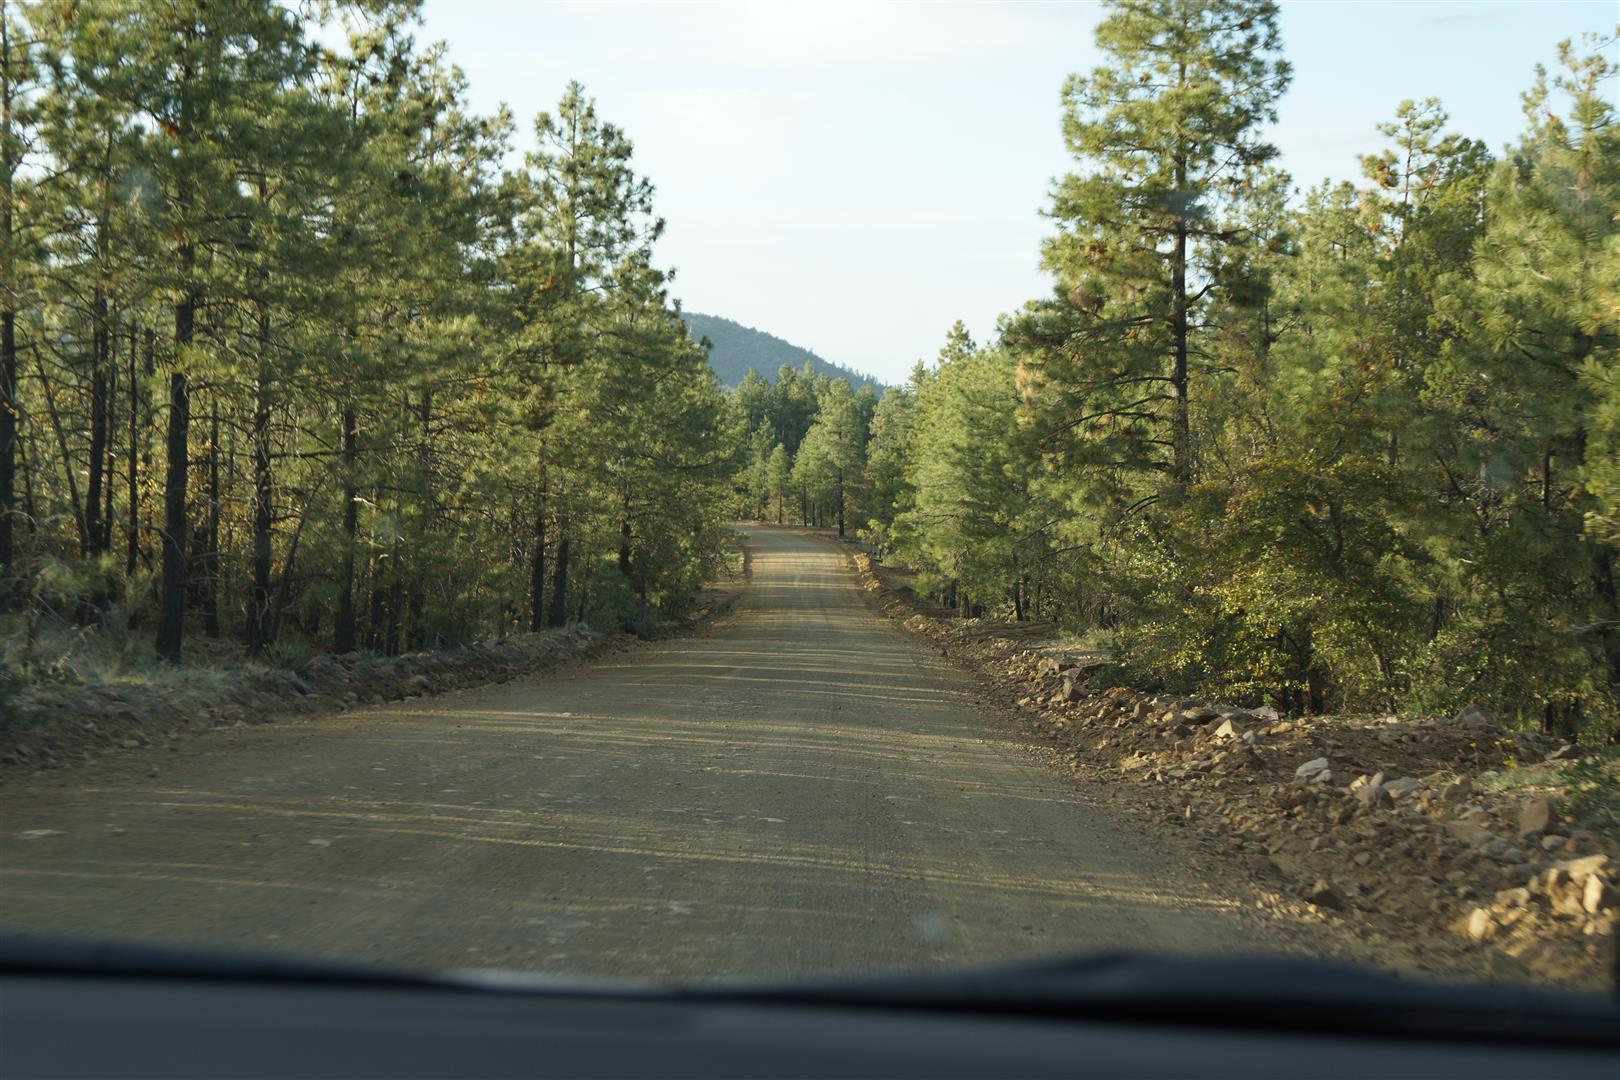 Erst gab's nur viel ungeteerte Straße,...